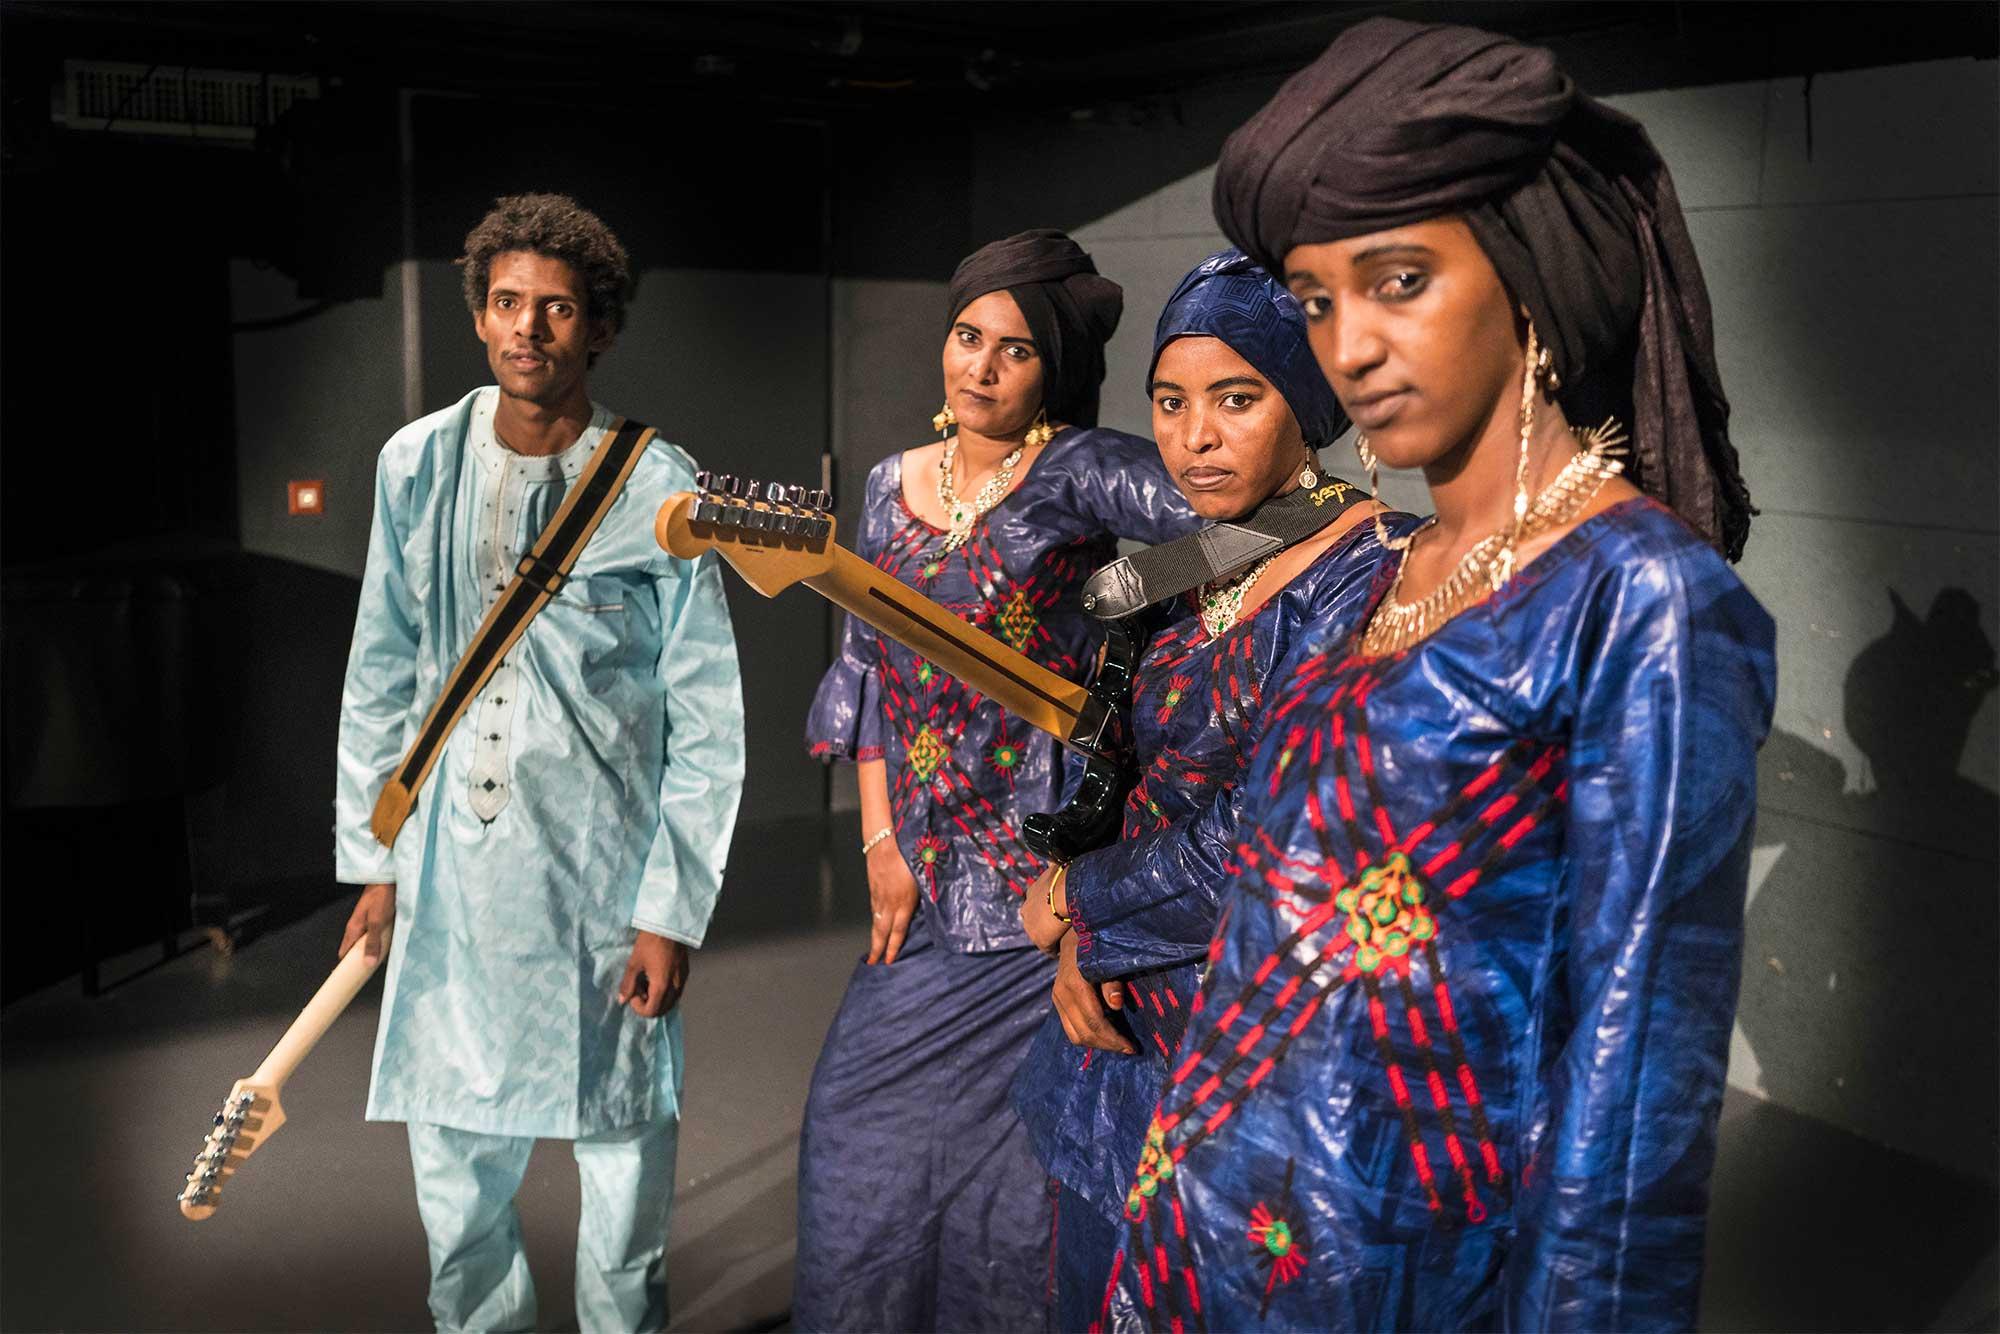 Les Filles de Illighadad al Teatro Miela l'8.12.18